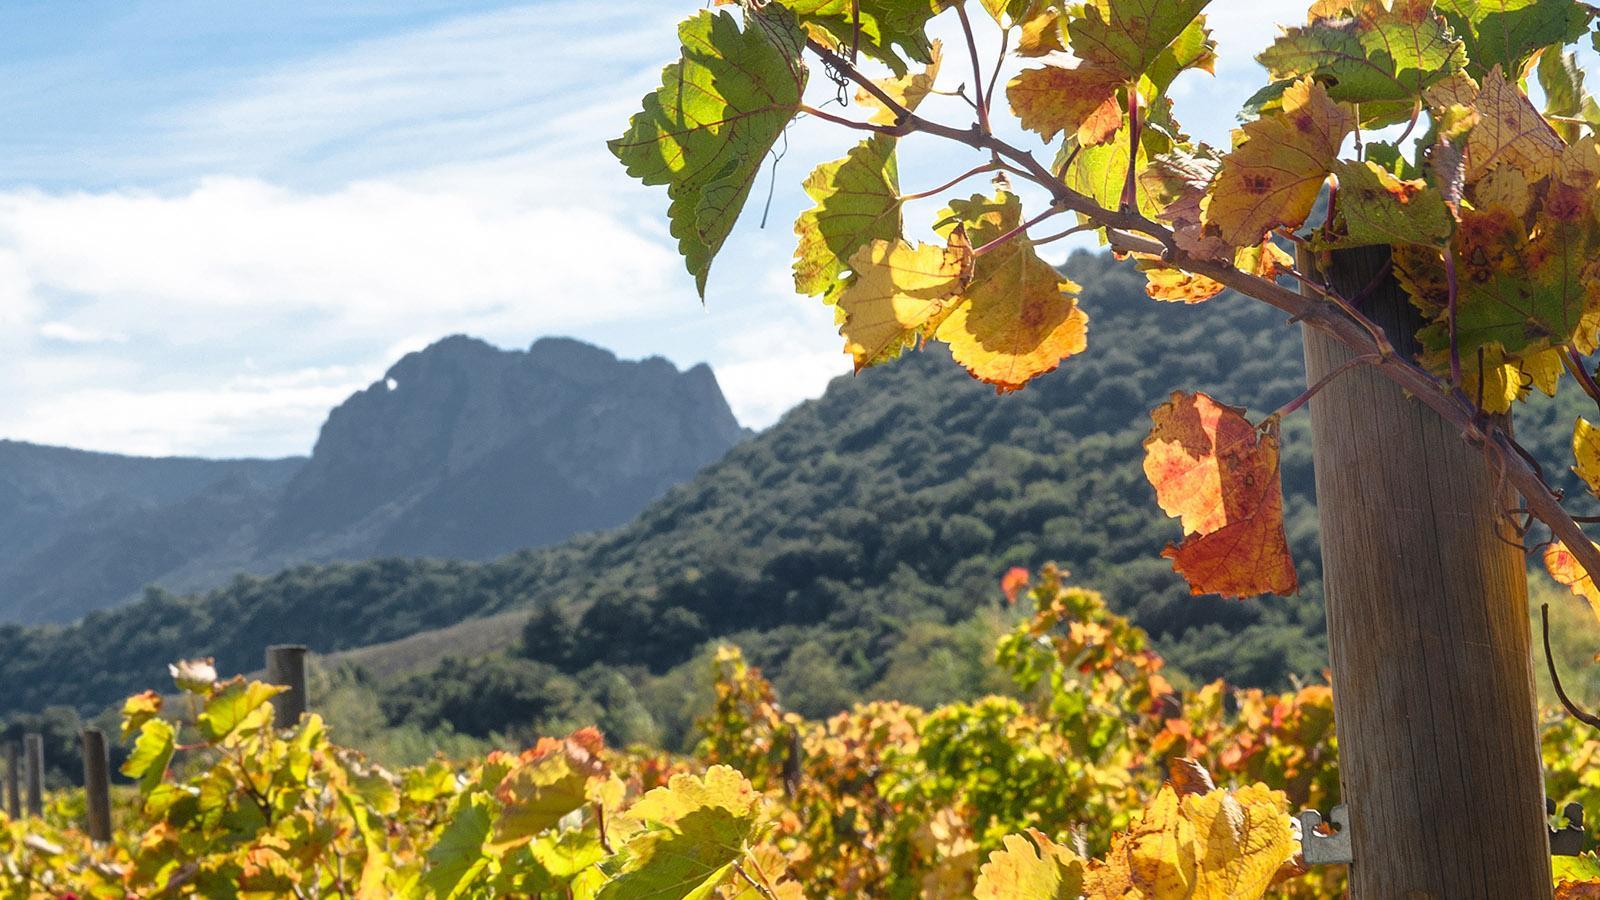 Herbst im Vallée de l'Agly. Foto: Hilke Maunder